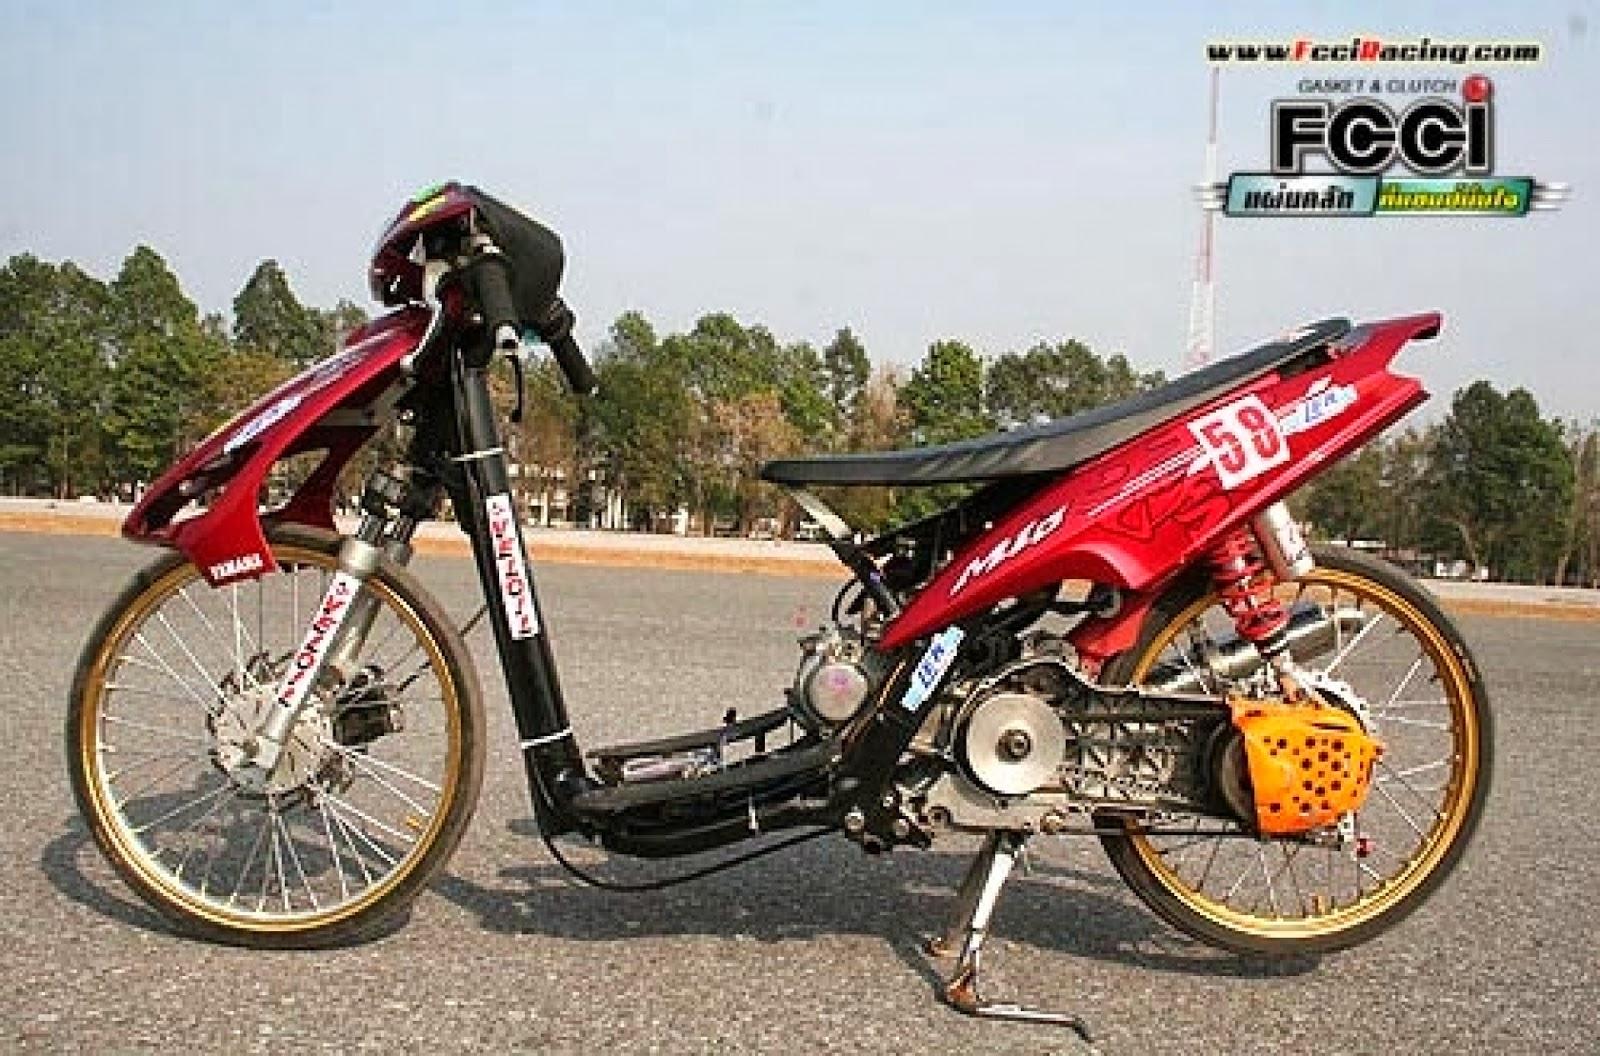 87 Gambar Motor Drag Pakai Pensil Terupdate Ranting Modifikasi